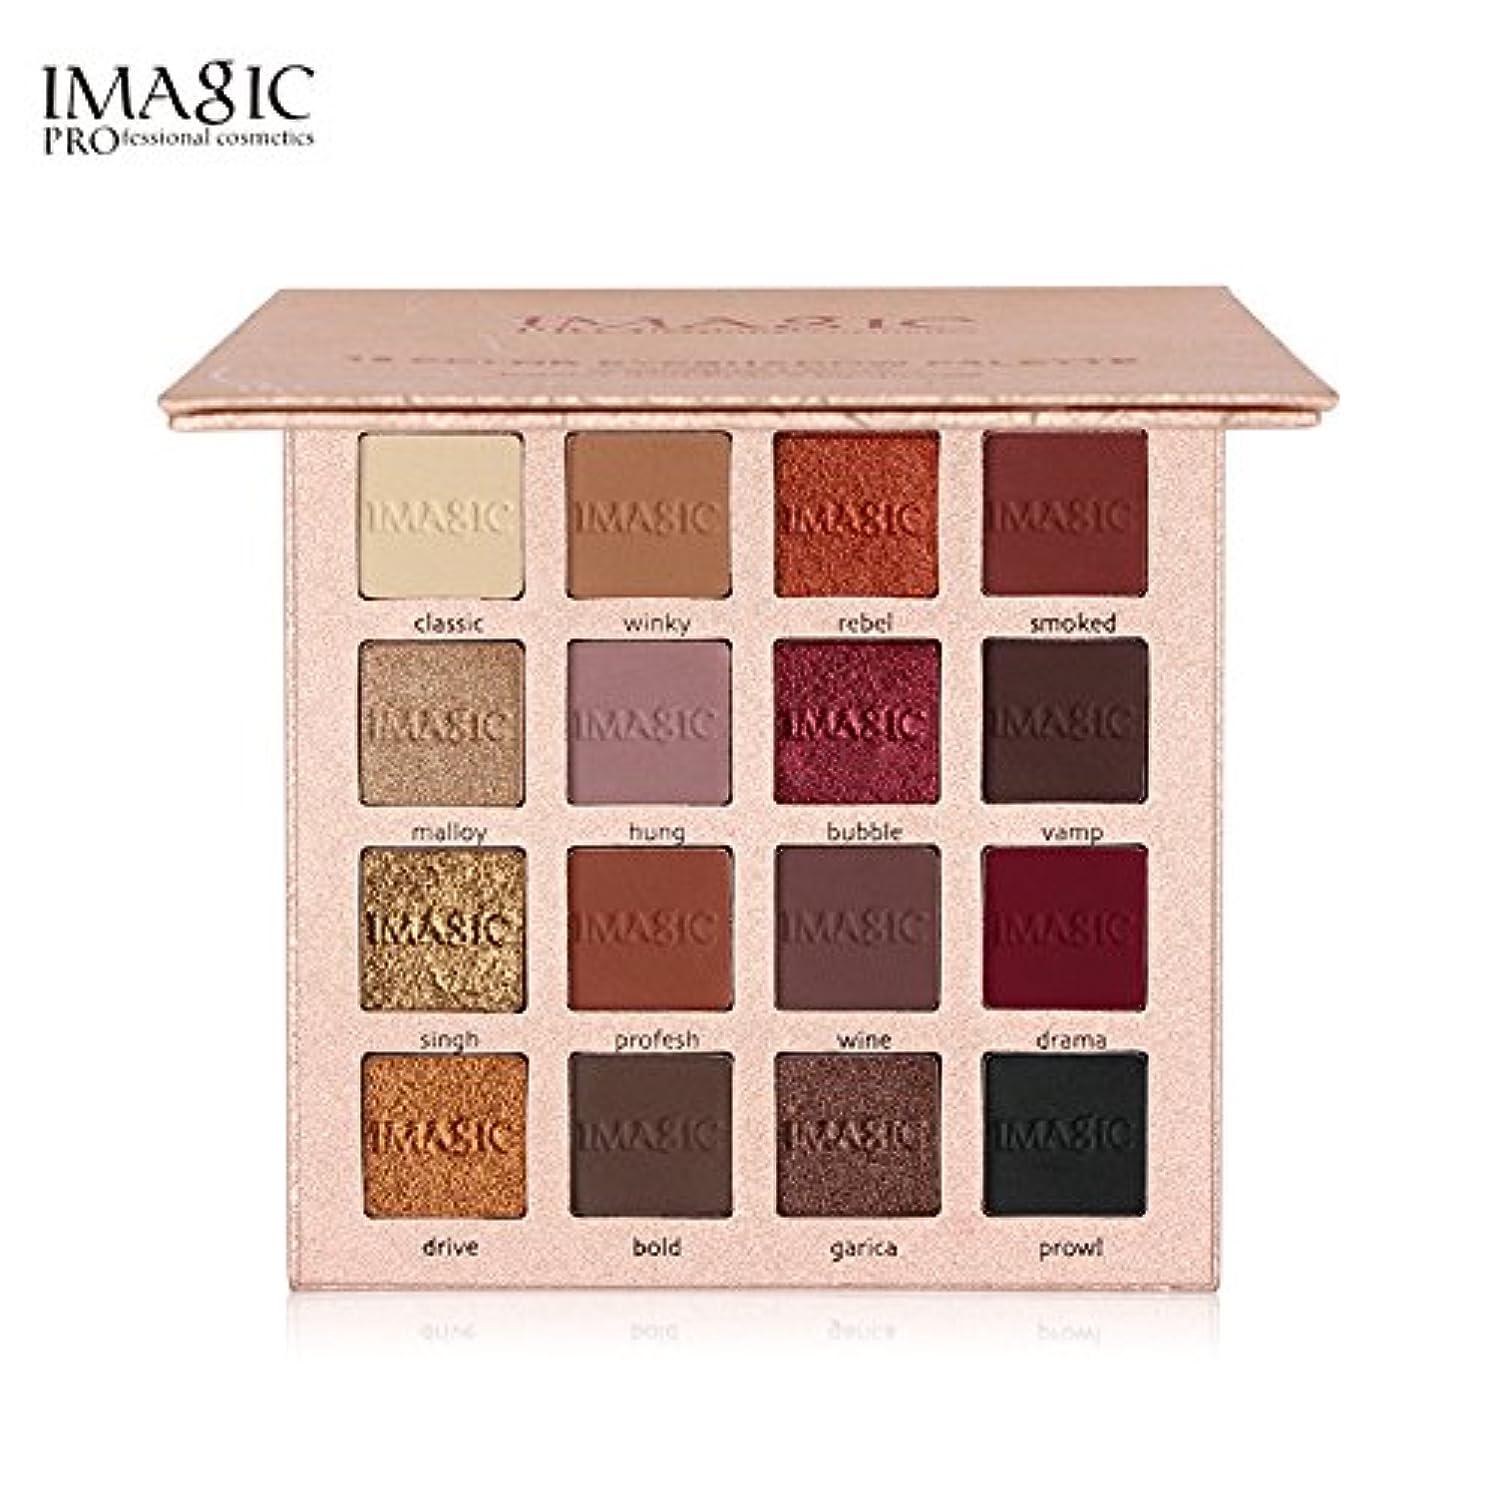 失敗ありがたい記憶IMAGIC New Arrival Charming Eyeshadow 16 Color Palette Make up Palette Matte Shimmer Pigmented Eye Shadow Powder